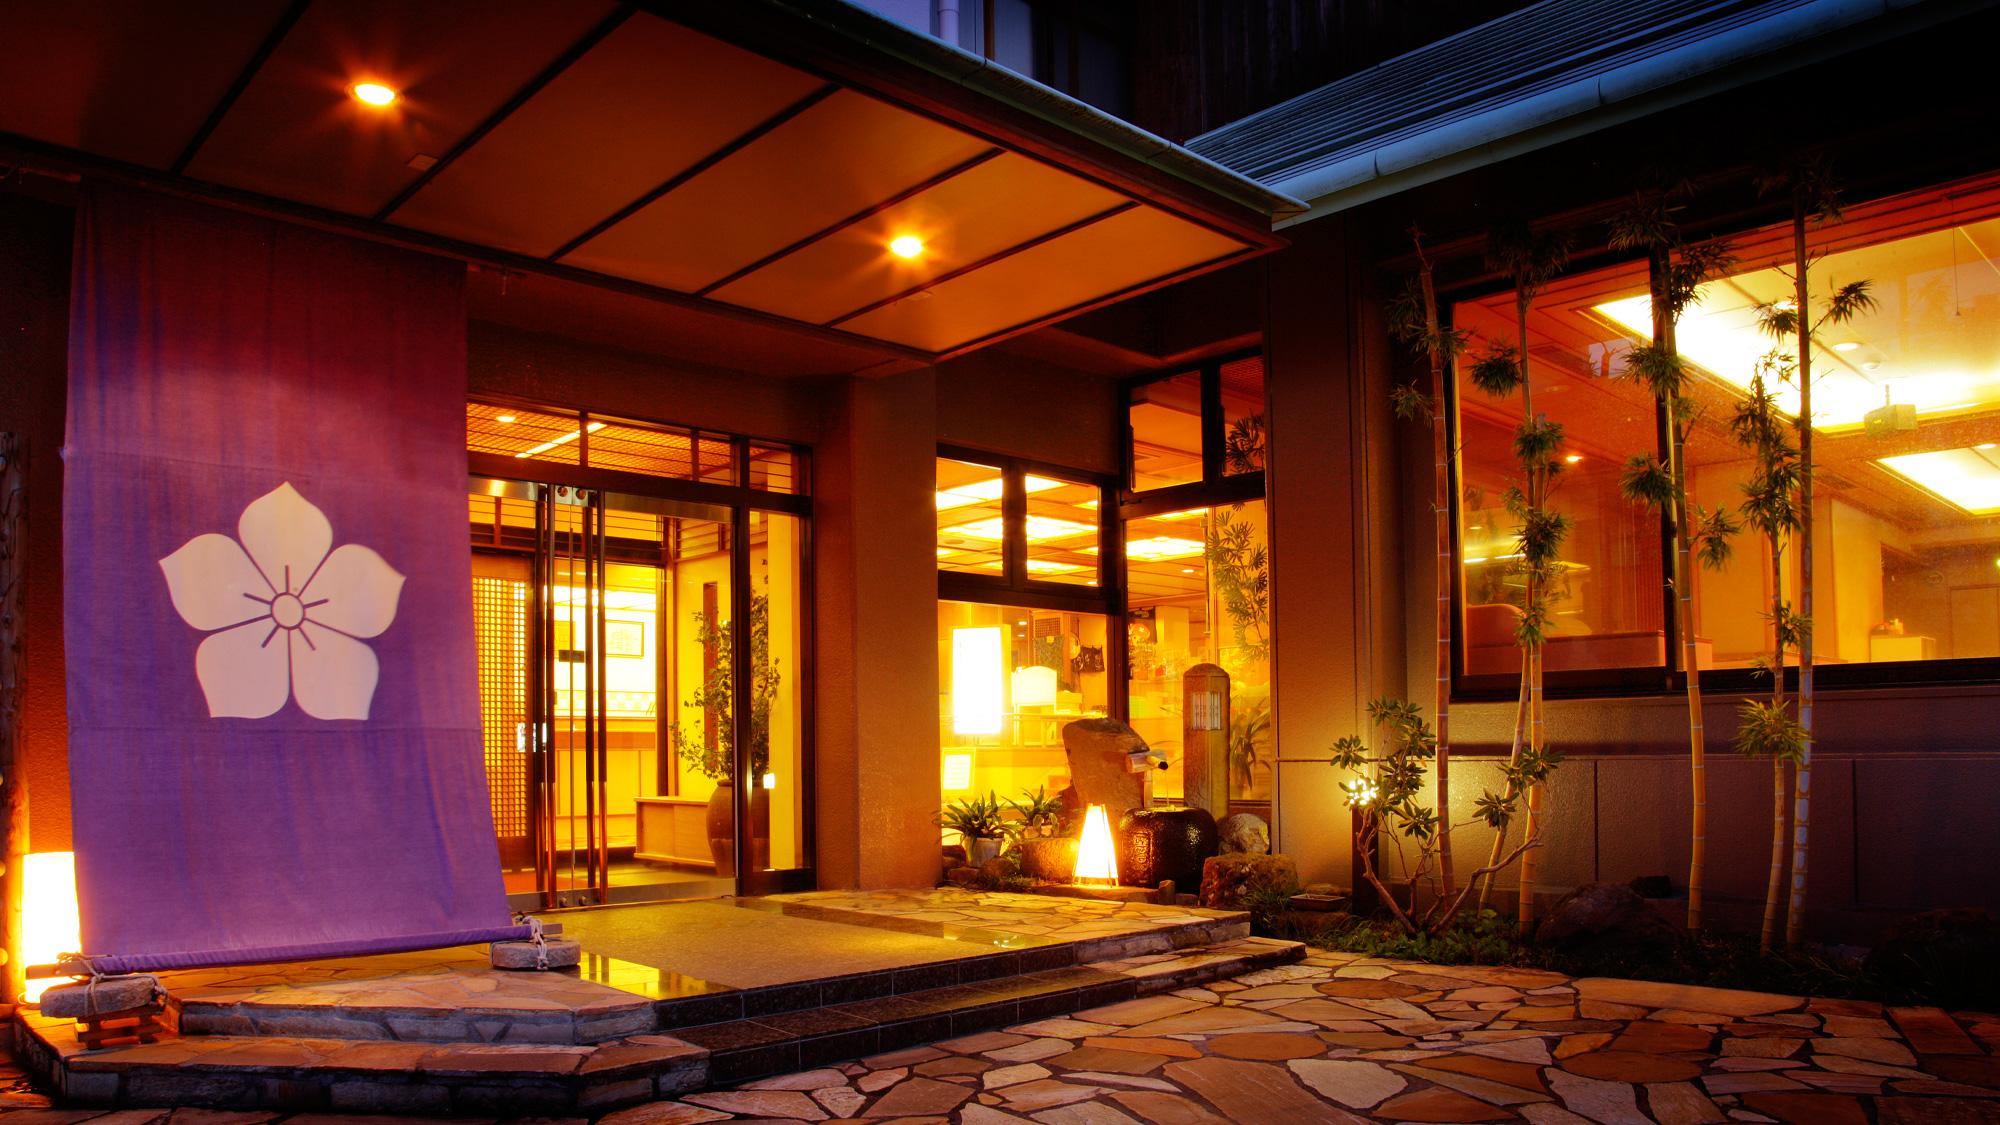 伊香保温泉に子供連れで泊まれる露天風呂付き客室のある宿ってありますか?